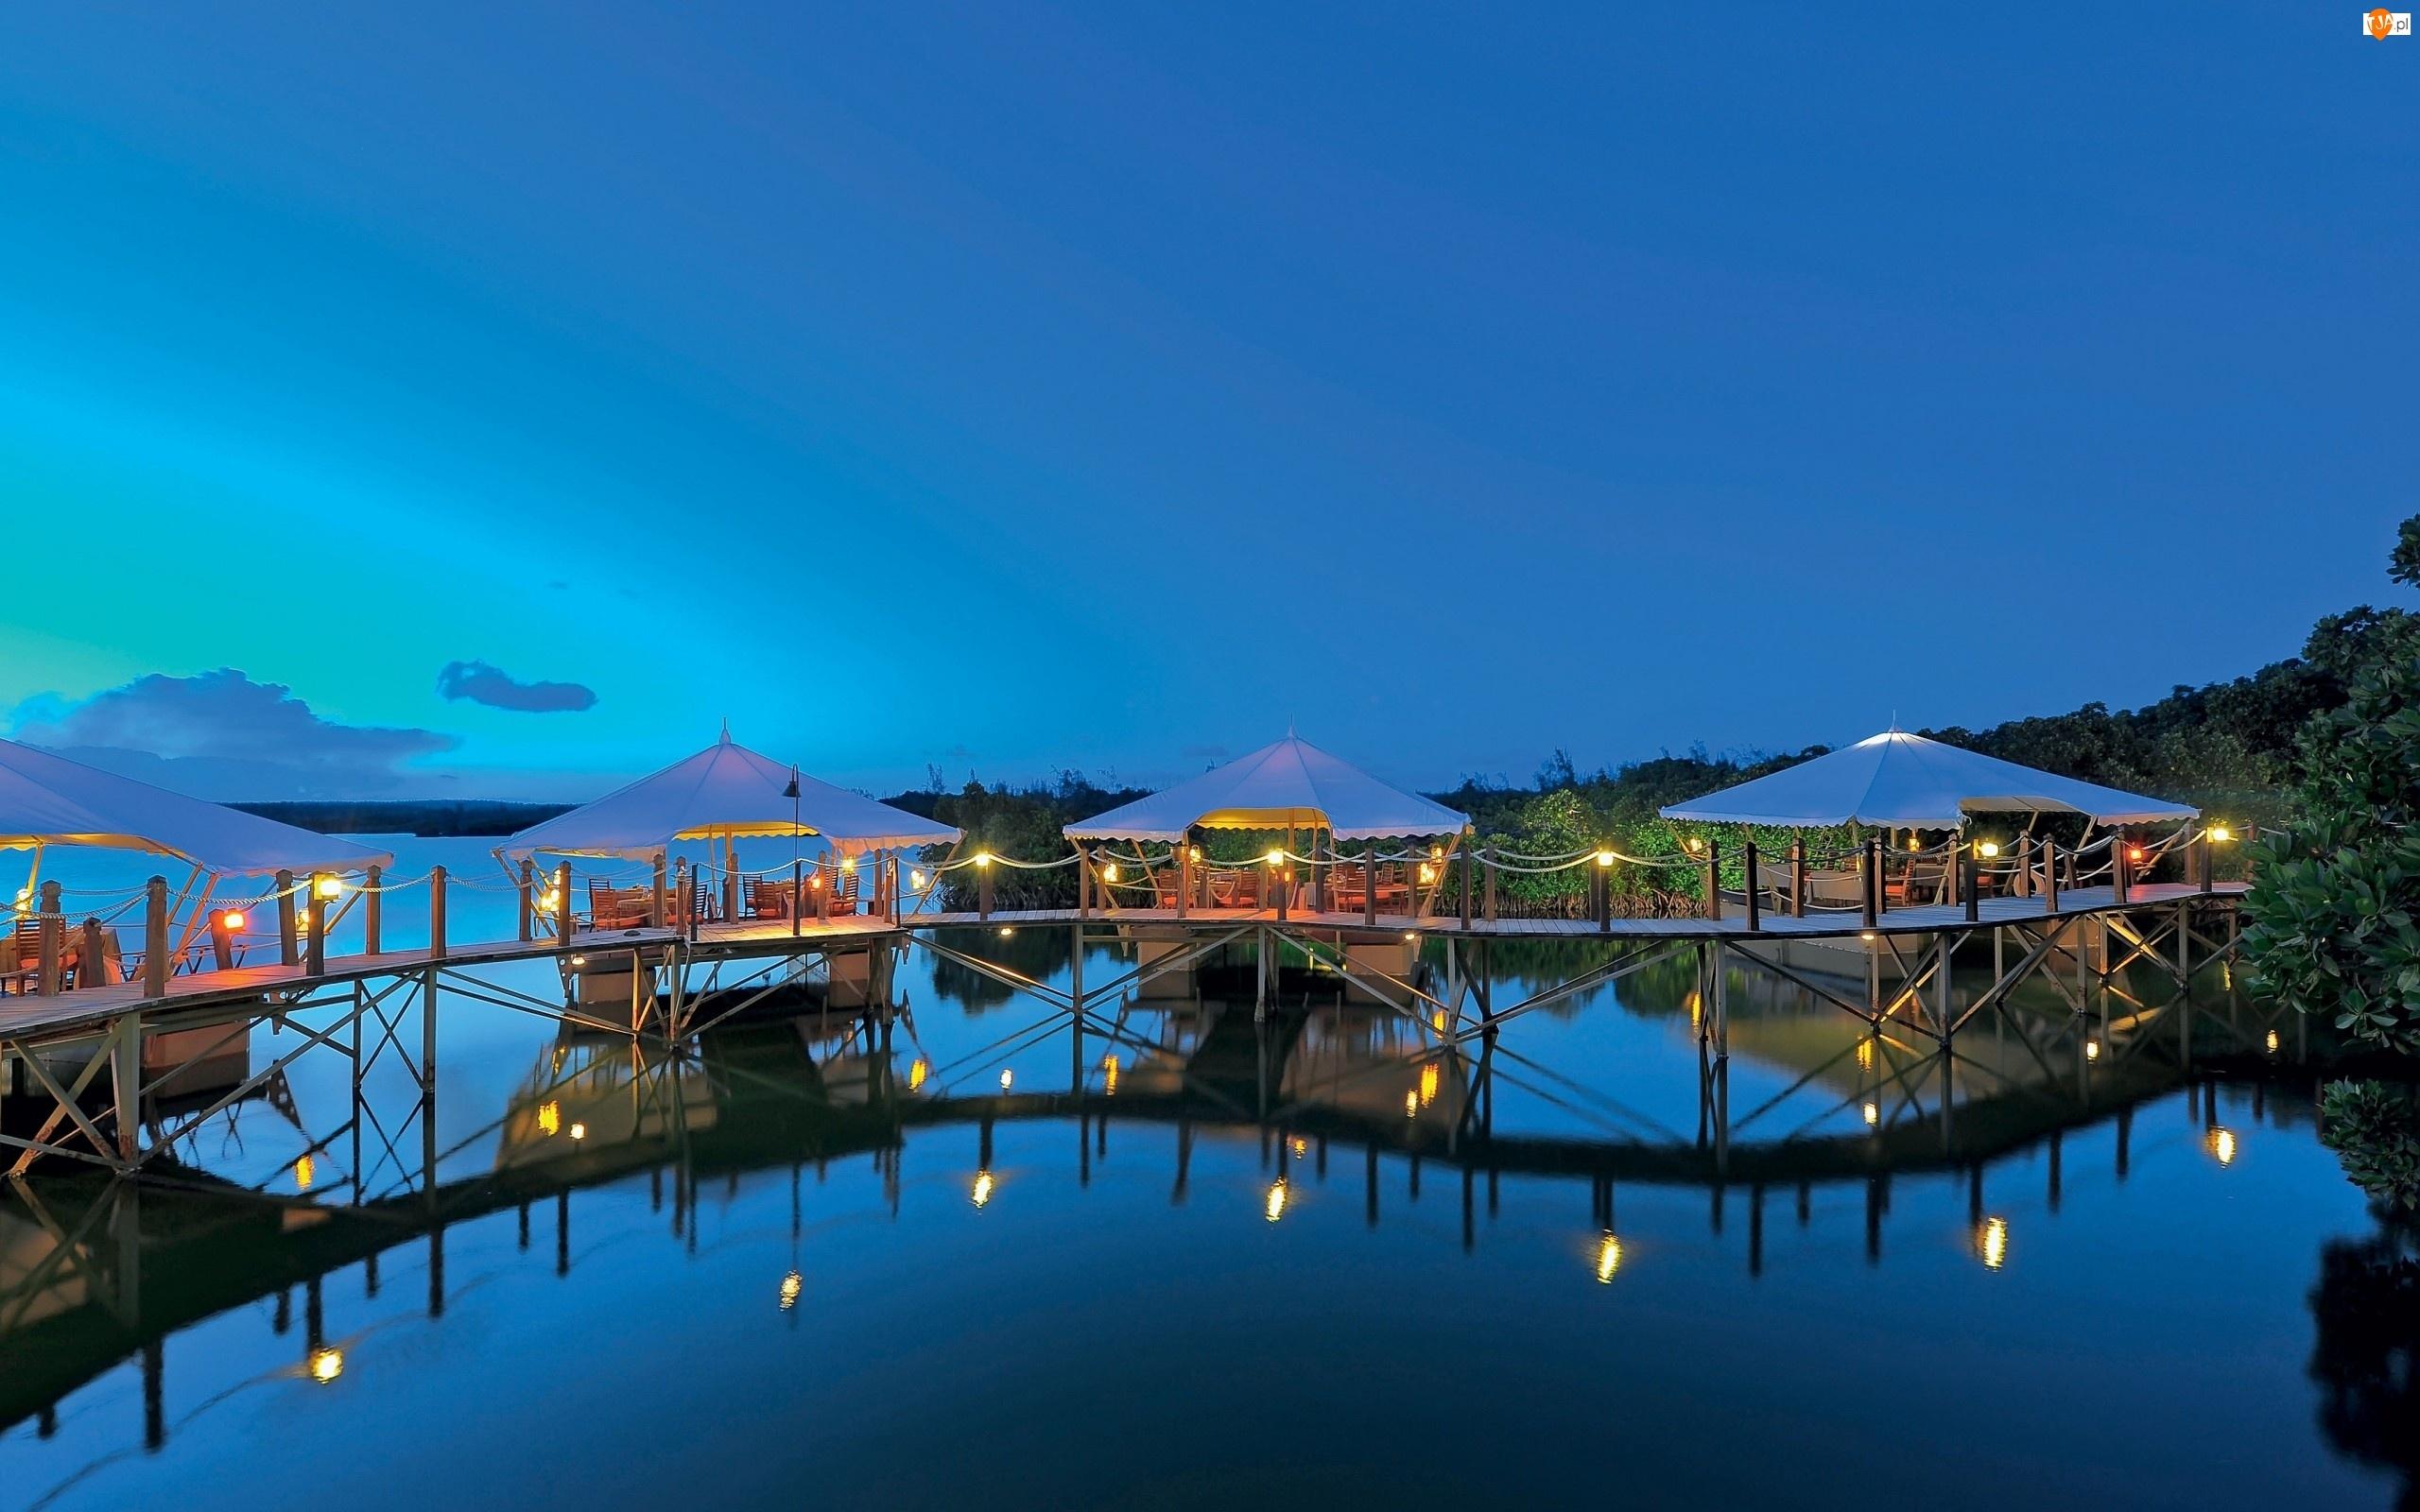 Jezioro, Restauracja, Mostek, Parasole, Oświetlenie